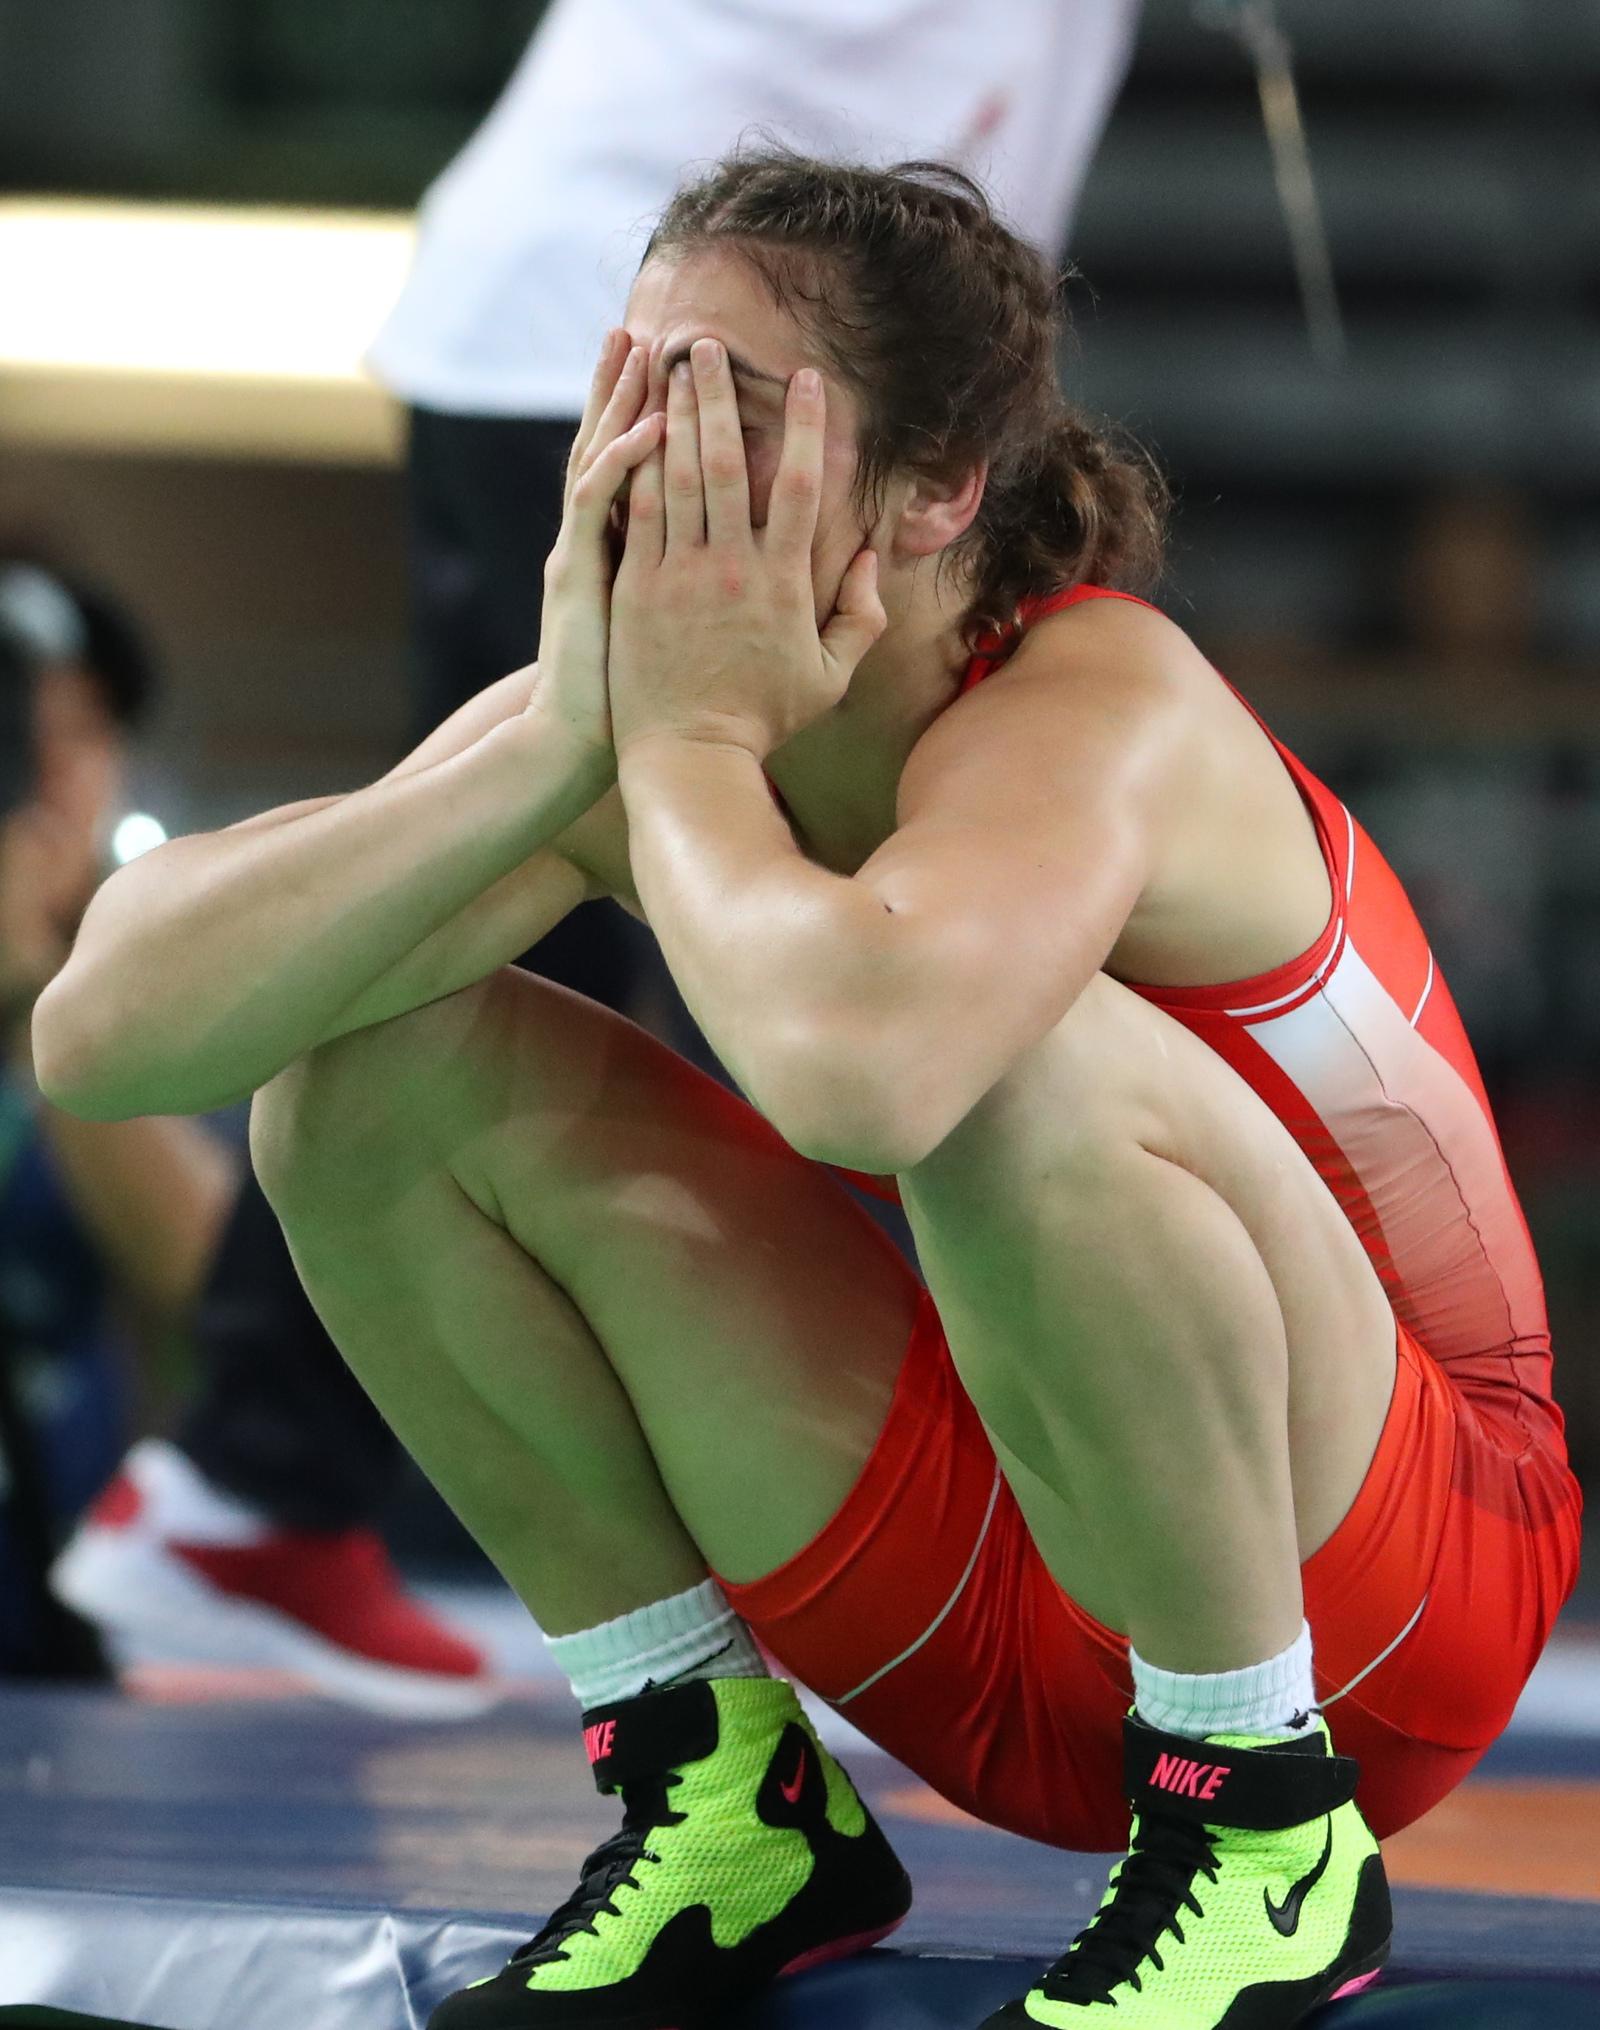 Наталья Воробьева не смогла сдержать эмоций после поражения в финальной схватке с Сарой Дошо